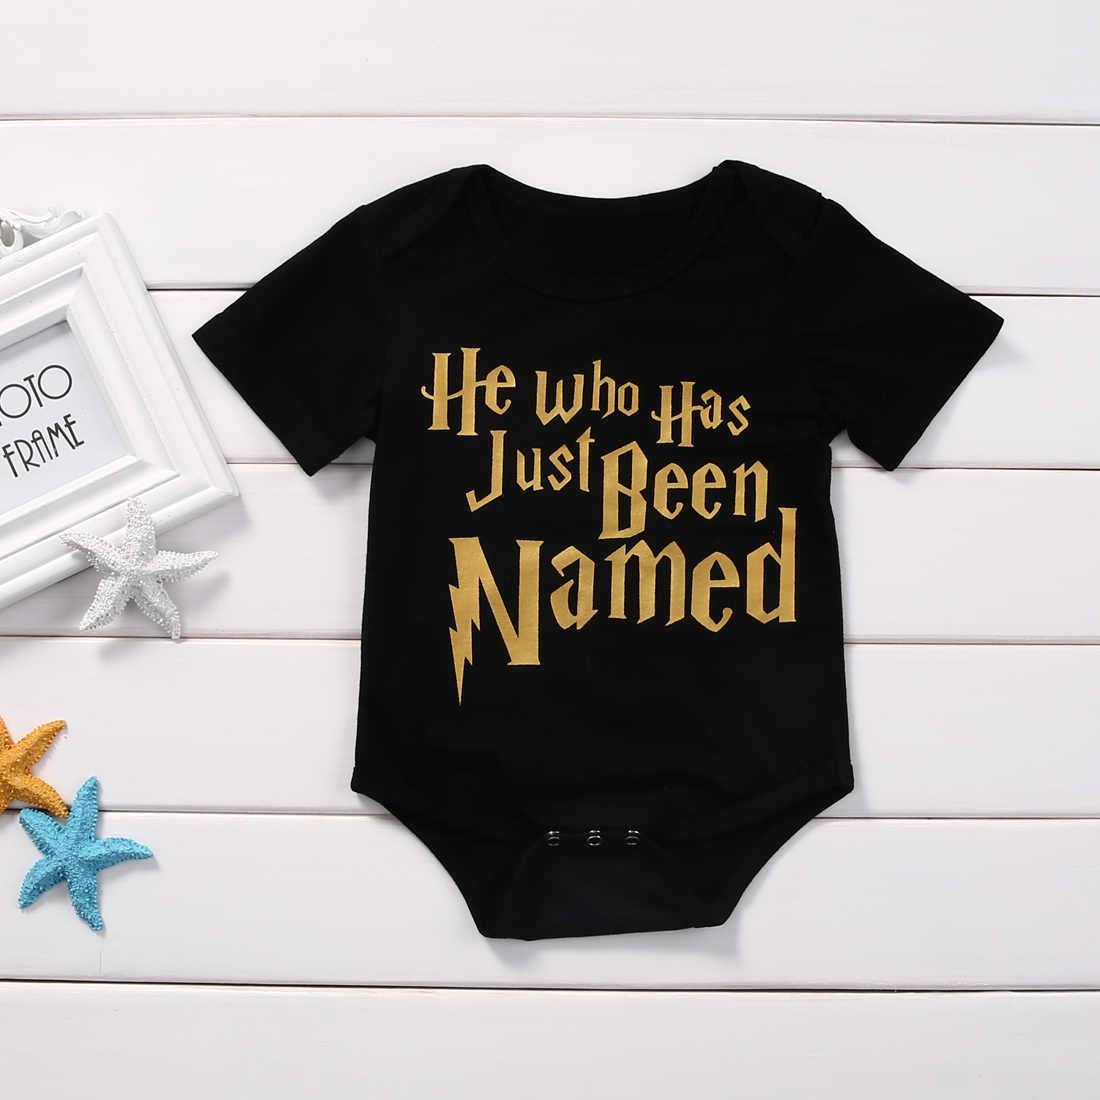 2018 Модный комбинезон для новорожденных мальчиков и девочек, красный, черный комбинезон с буквами, детская одежда, летняя повседневная одежда, 45